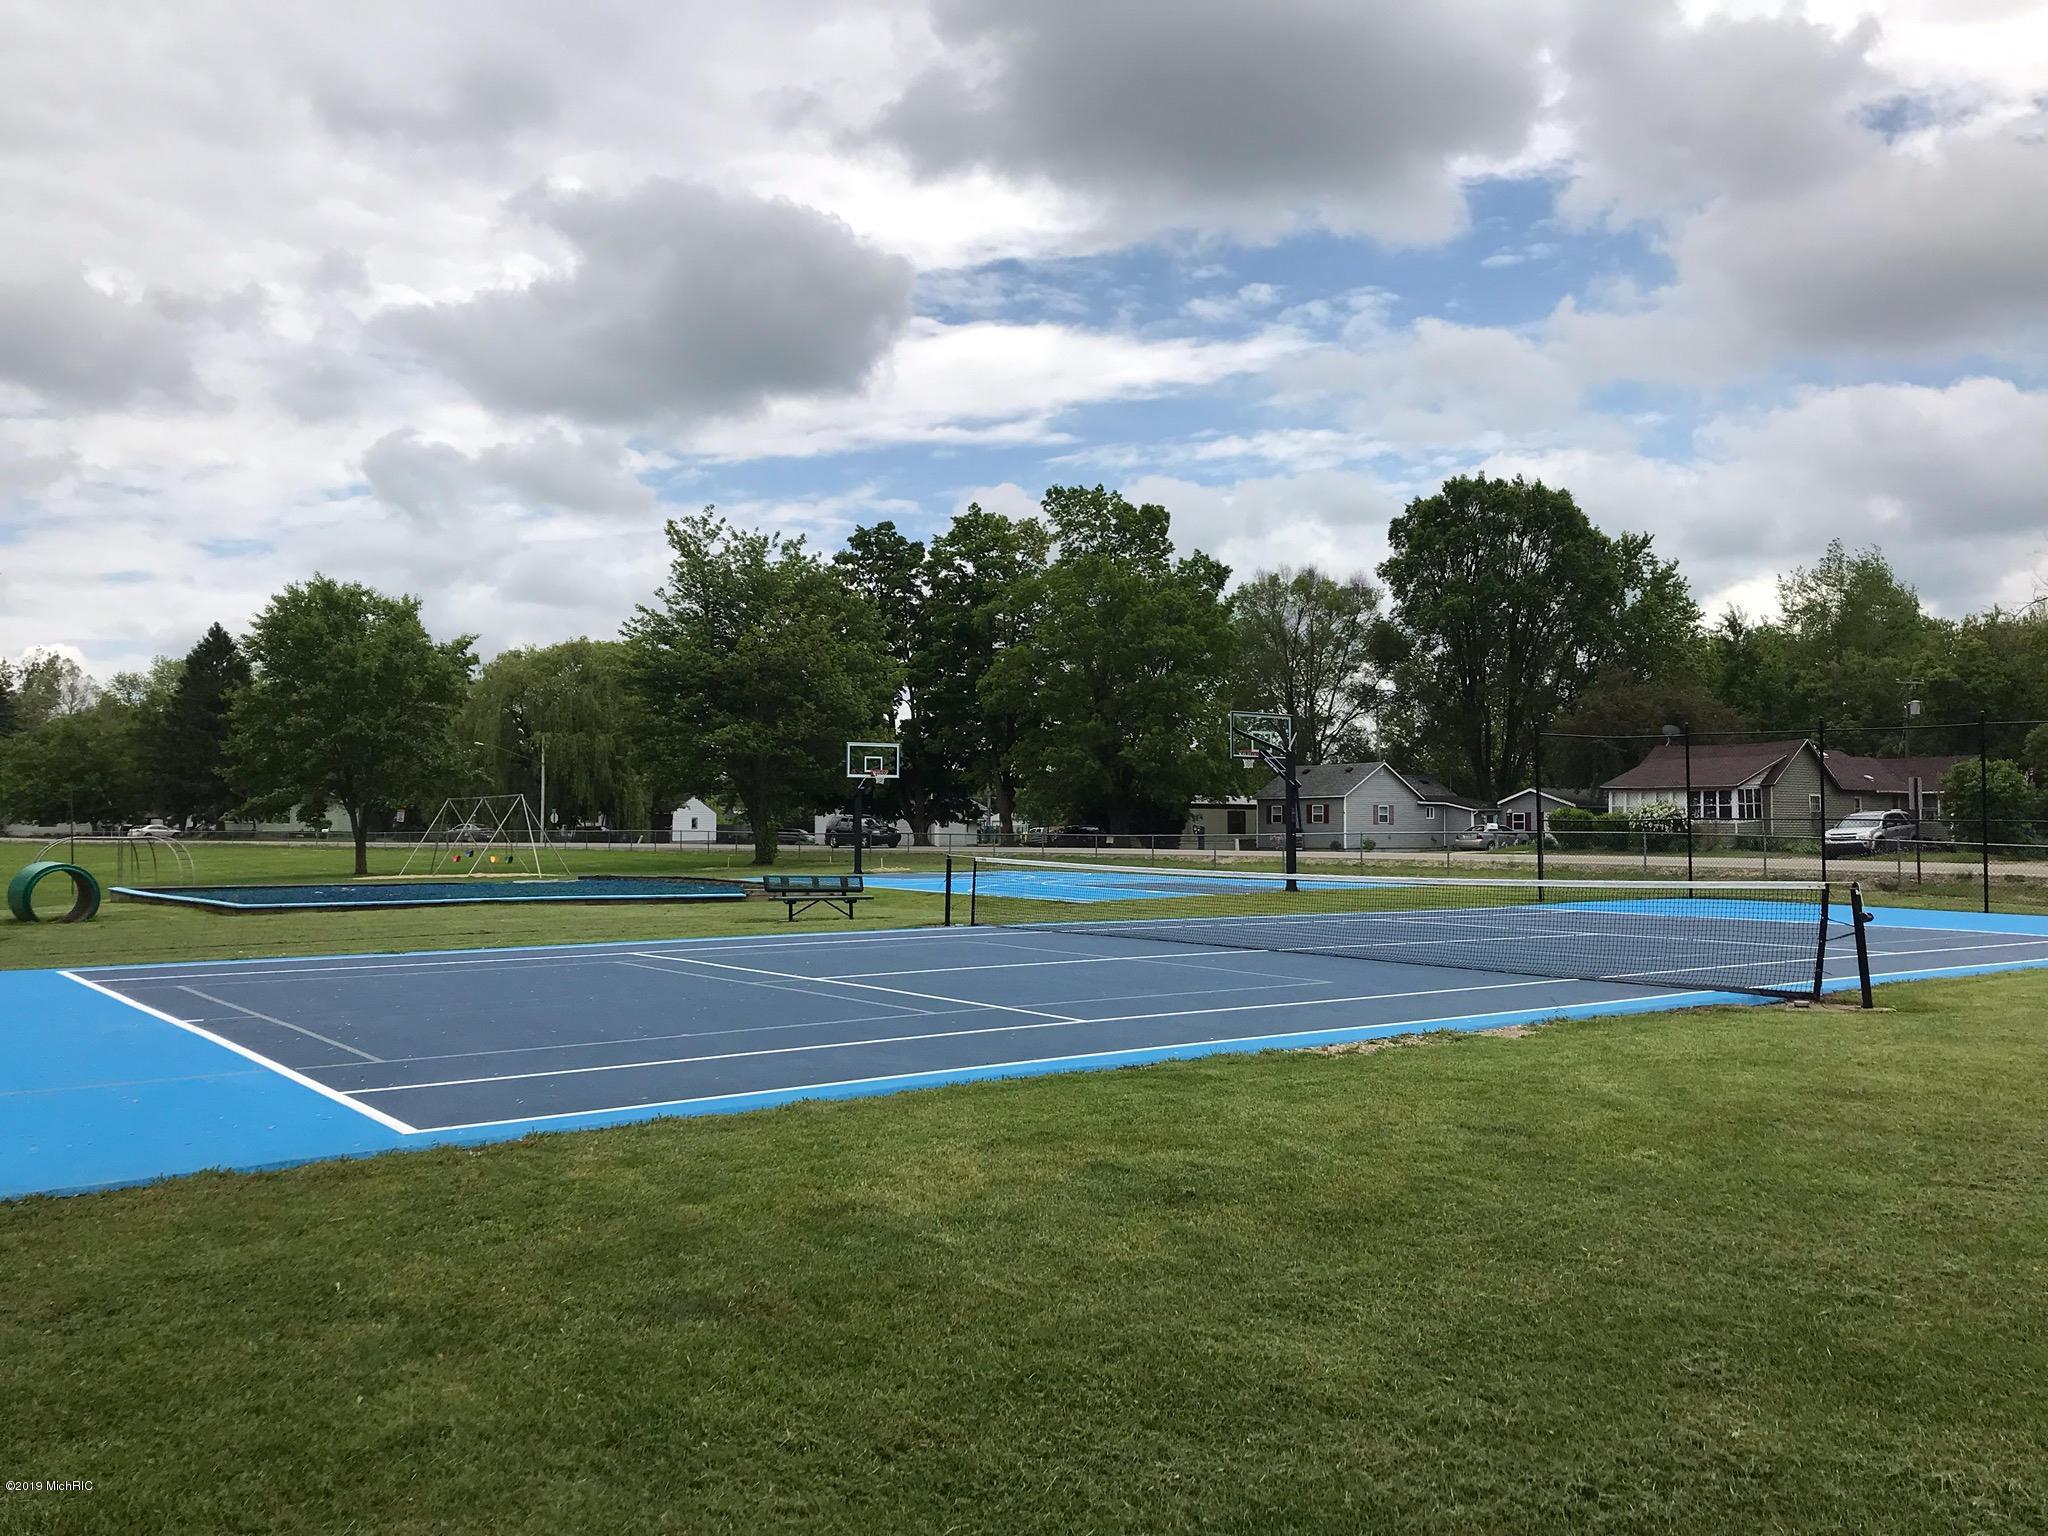 w Lake tennis